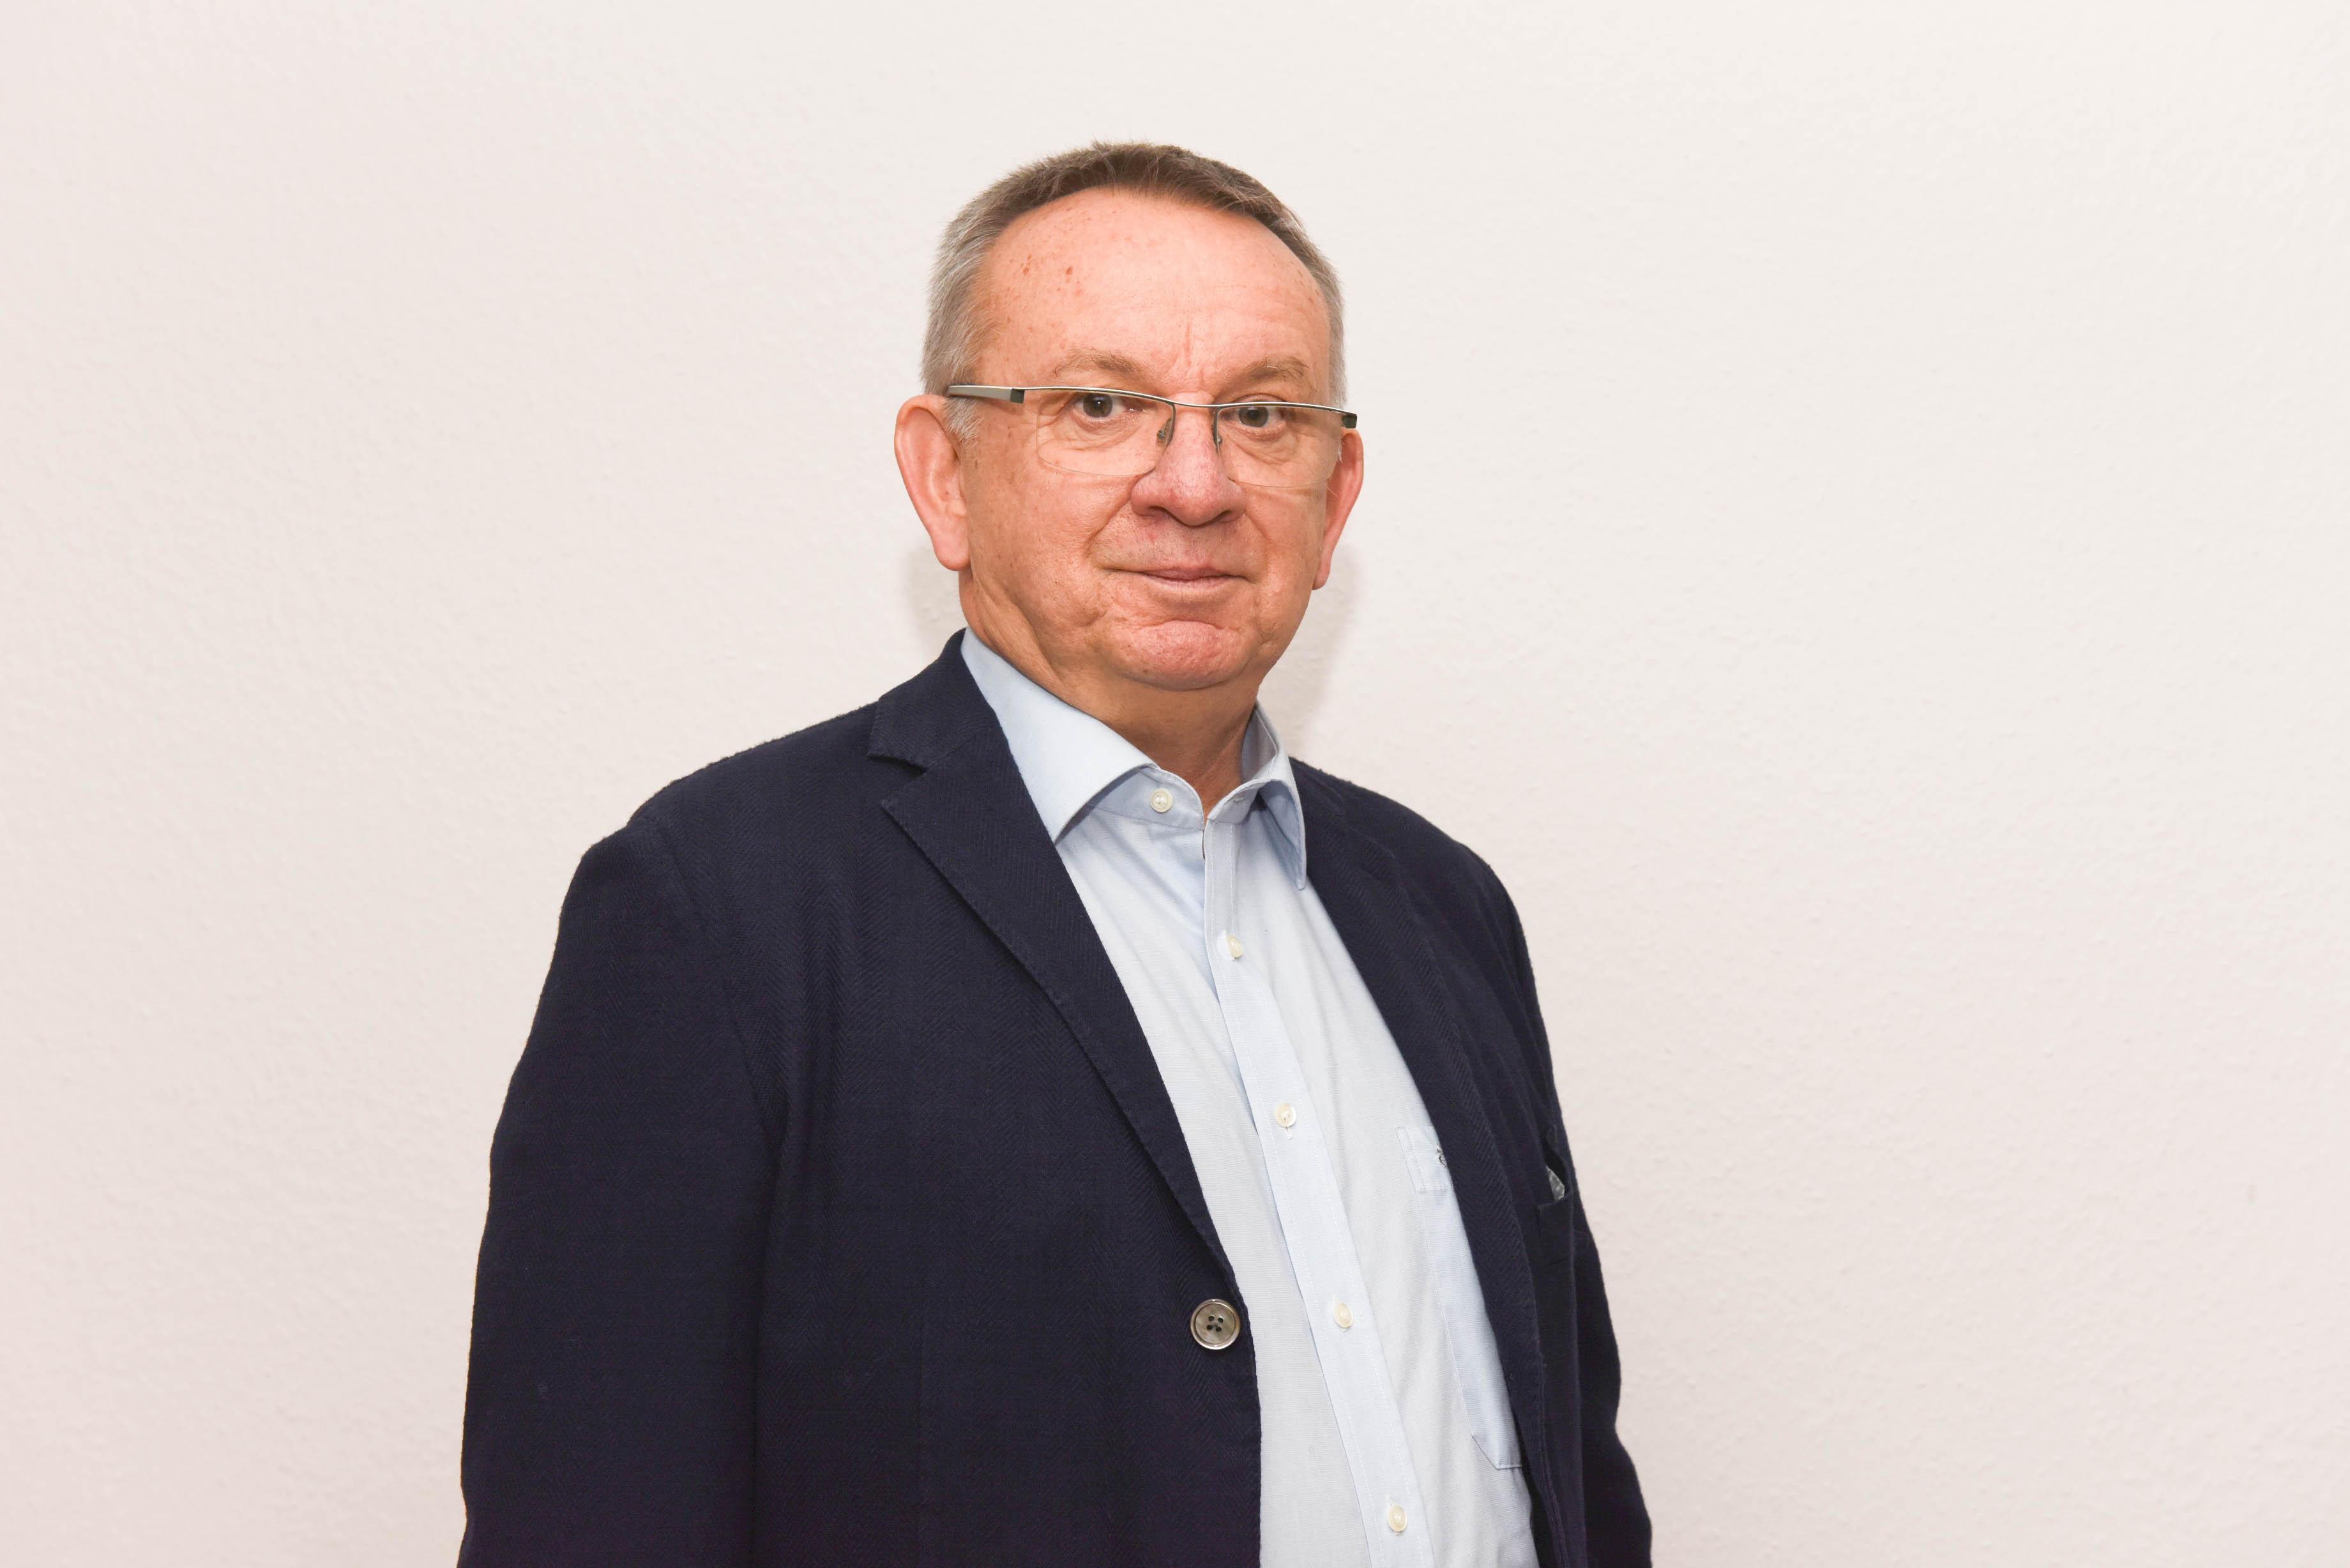 Kreuzer, Reinhard (Vorsitzender)